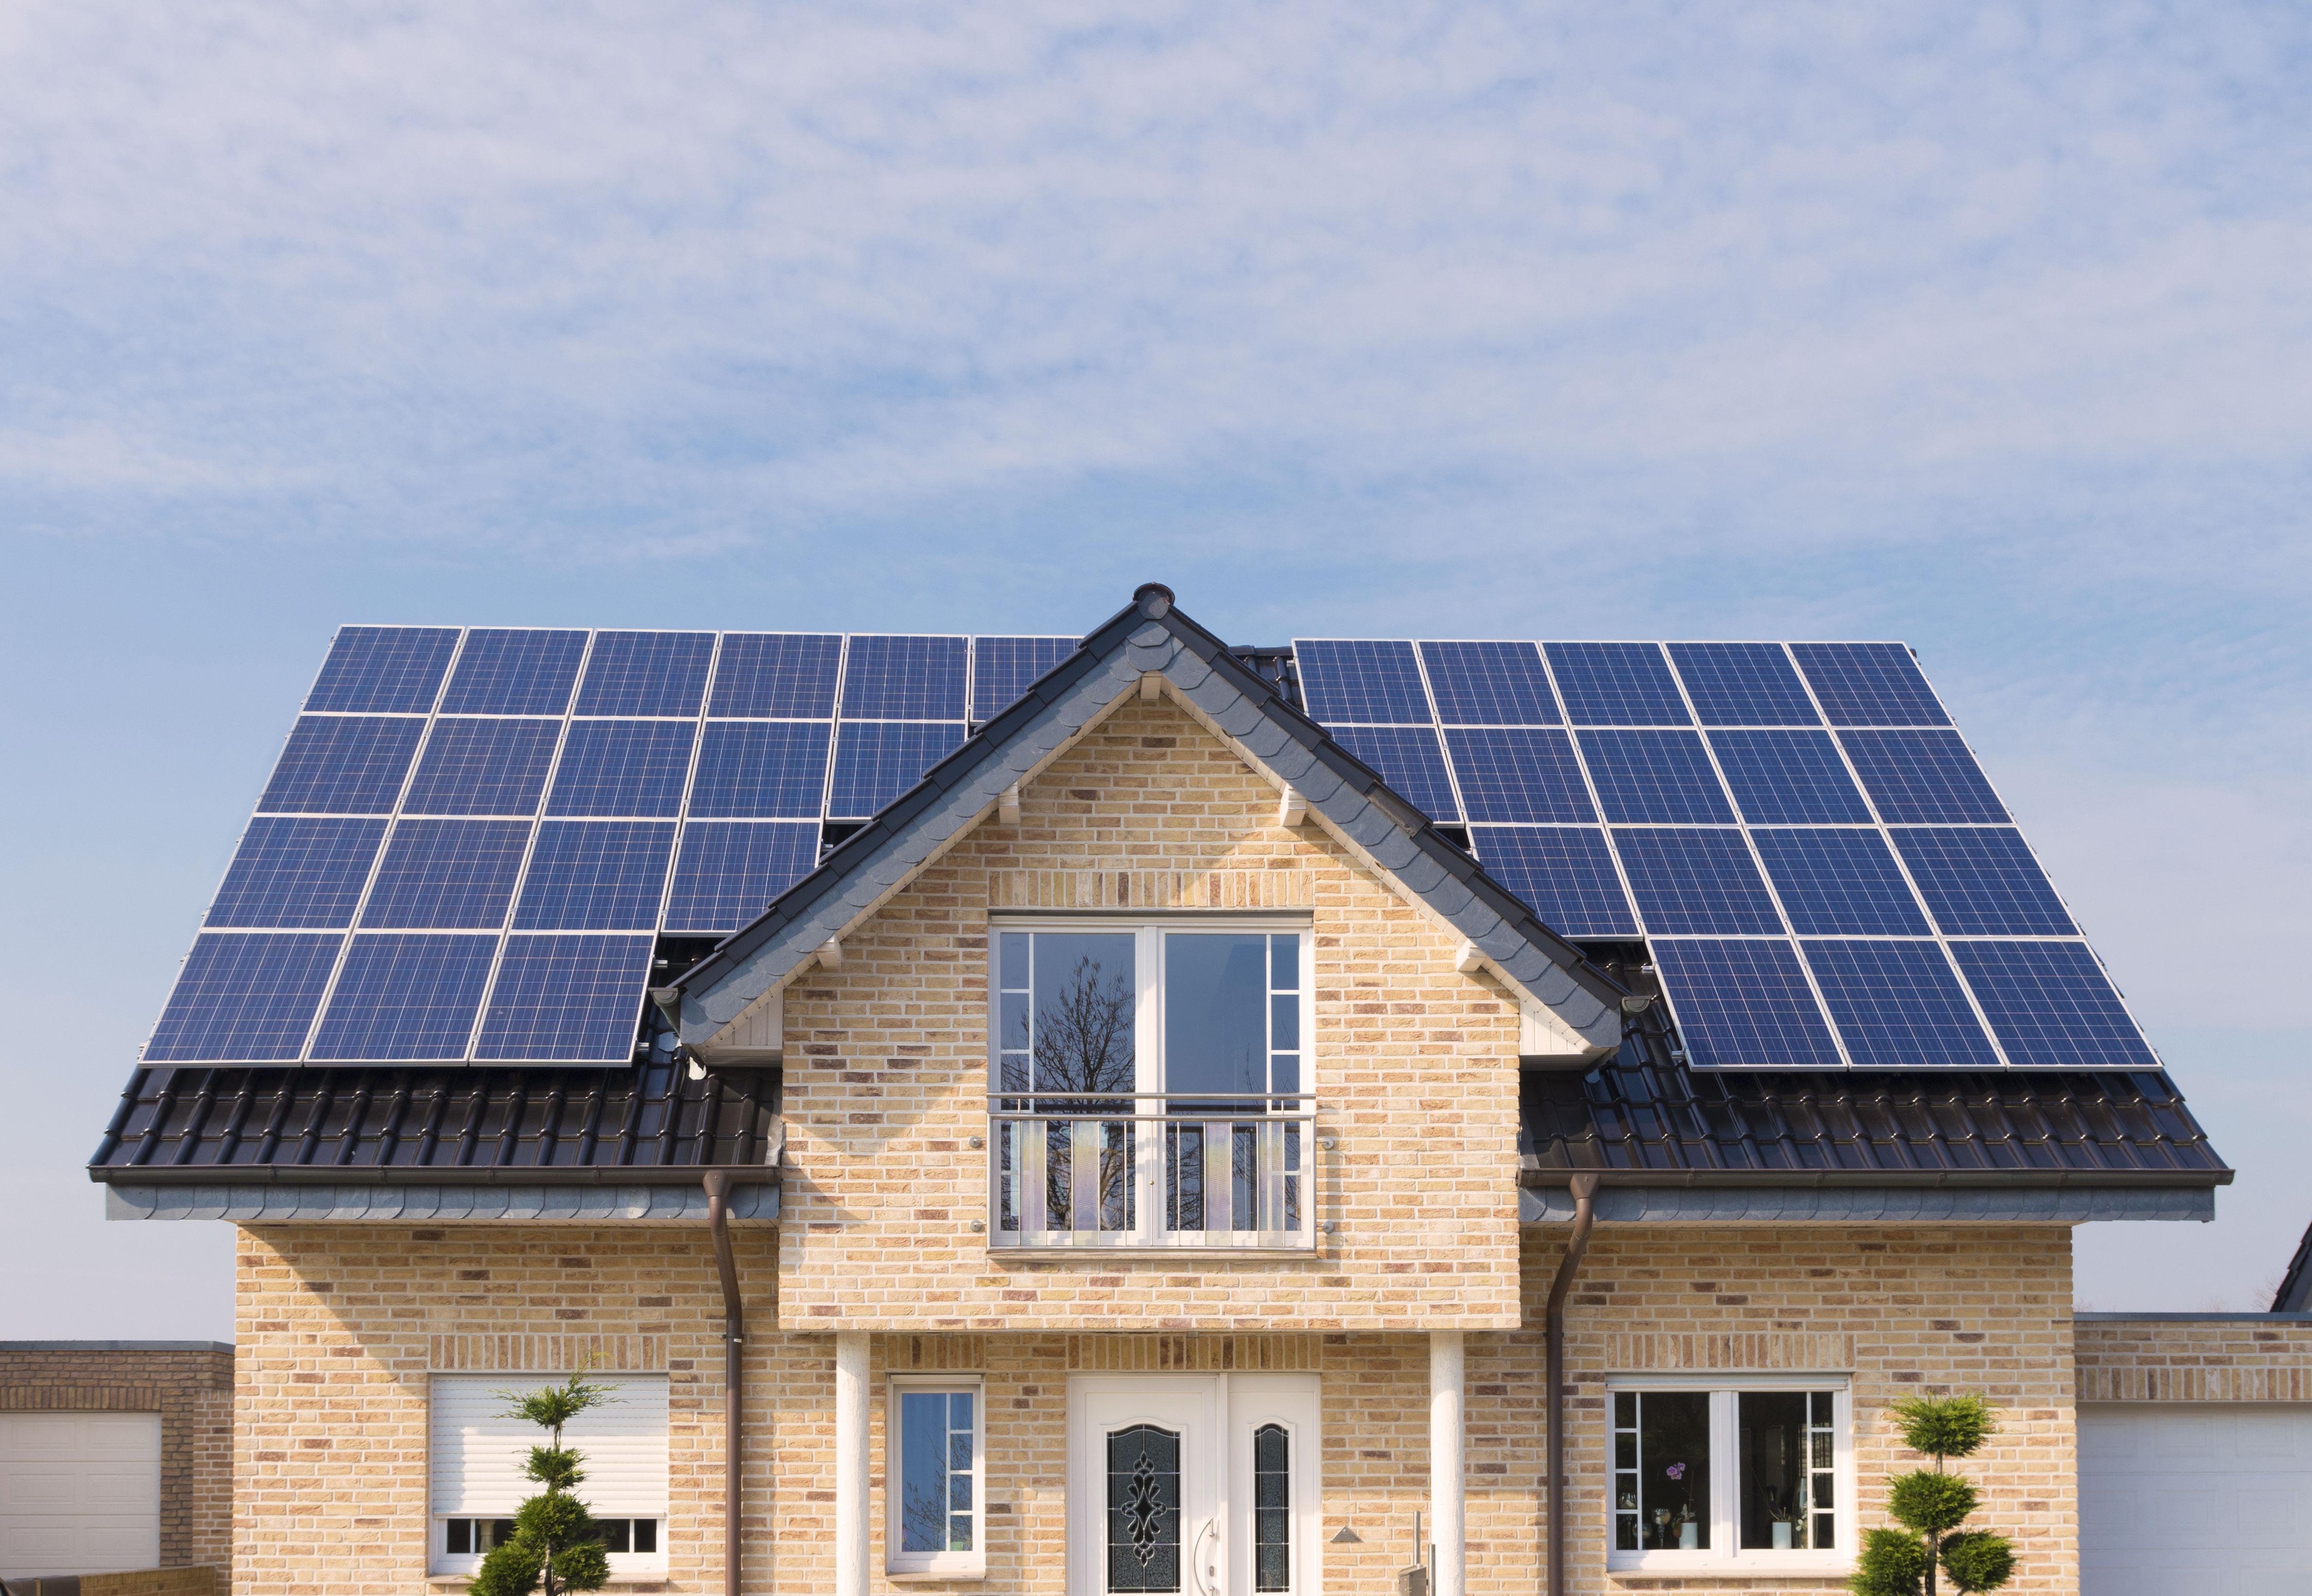 Modernes Haus mit Solarmodulen auf dem Dach